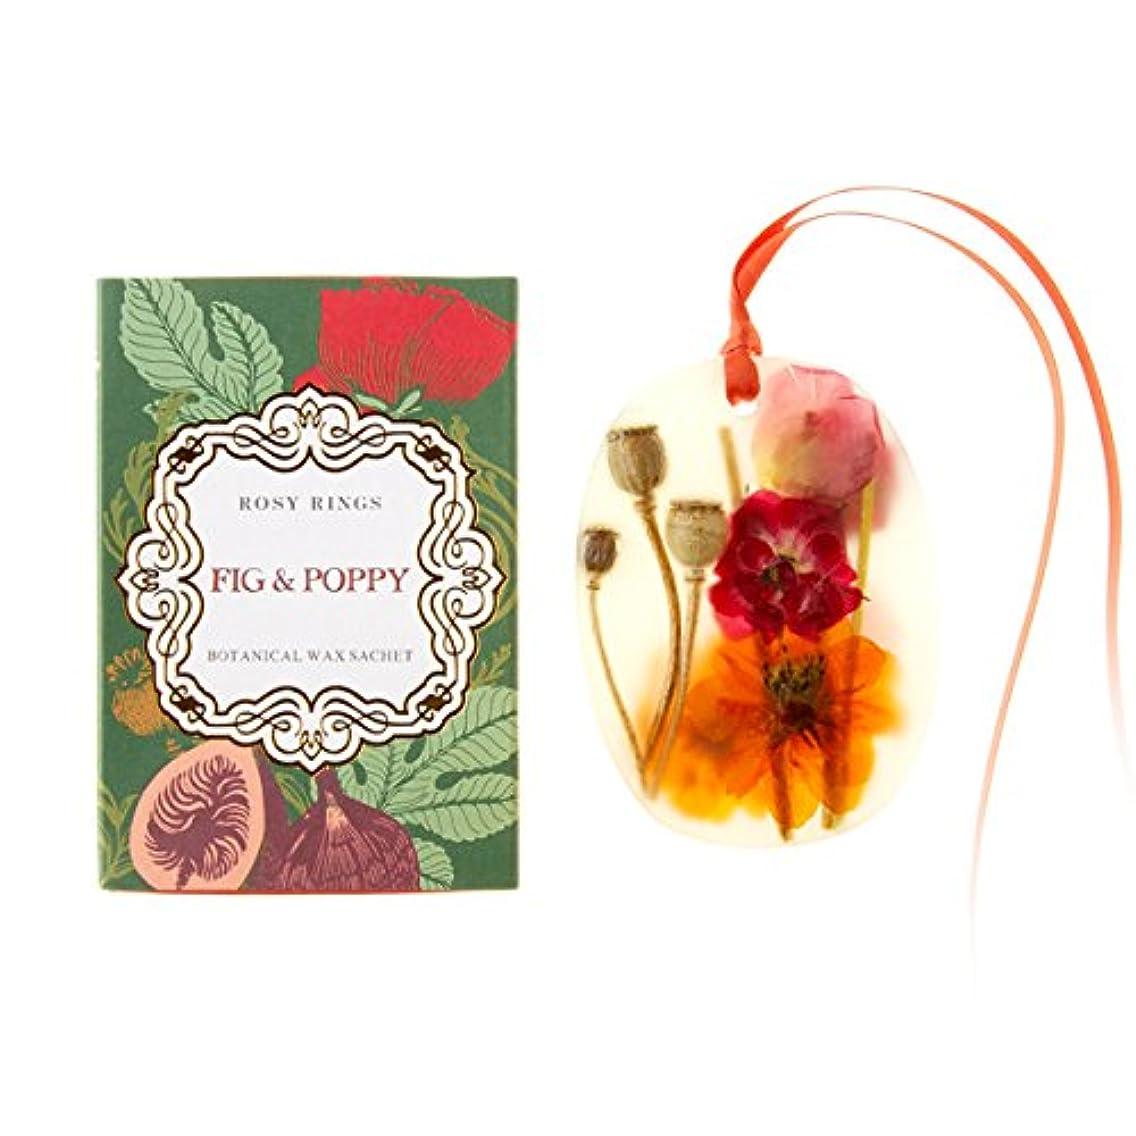 音声学フラグラントのためにロージーリングス プティボタニカルサシェ フィグ&ポピー ROSY RINGS Petite Oval Botanical Wax Sachet Fig & Poppy